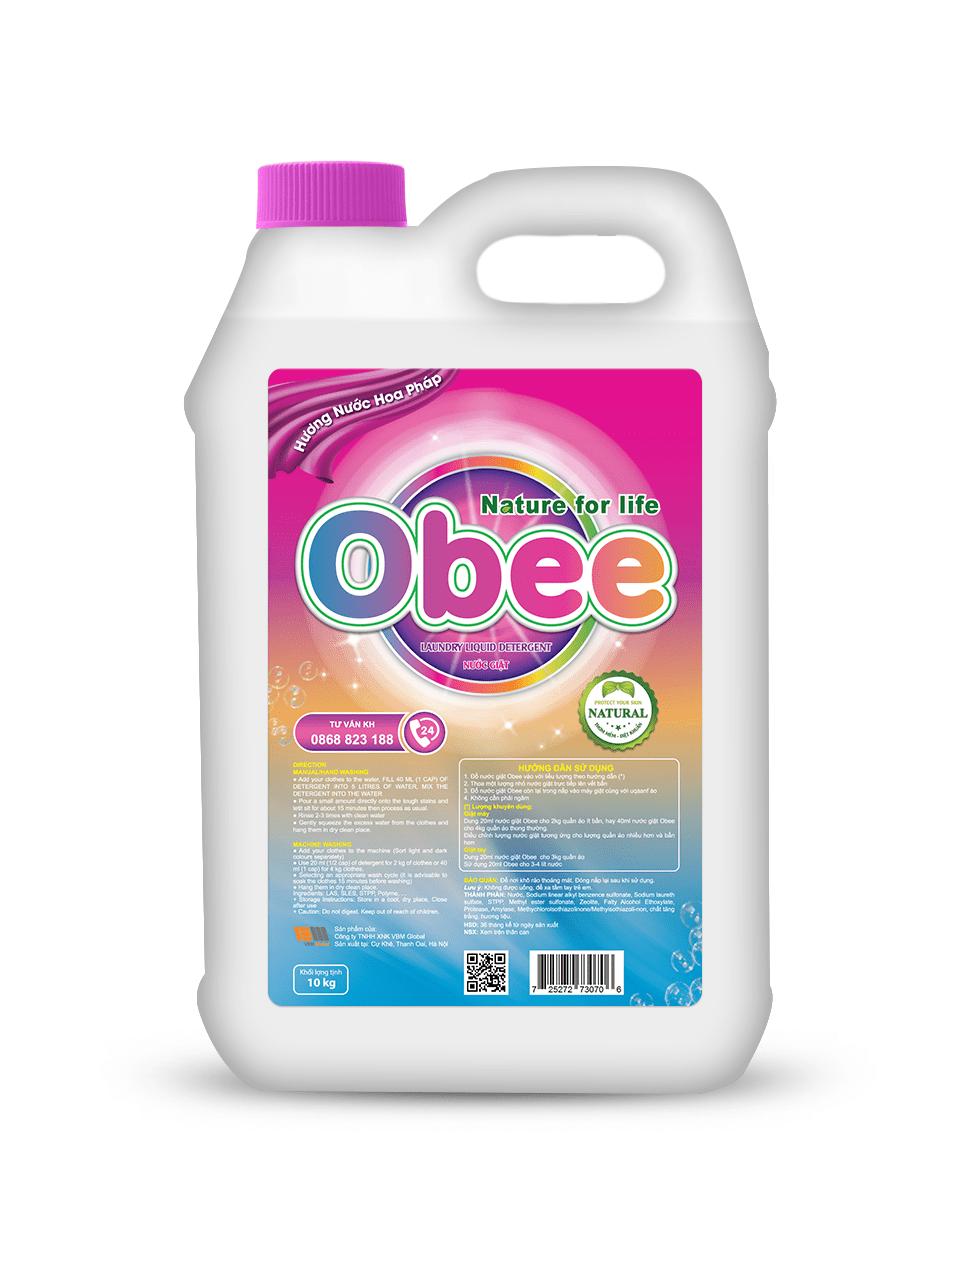 Nước giặt Obee hương nước hoa Pháp 10 kg